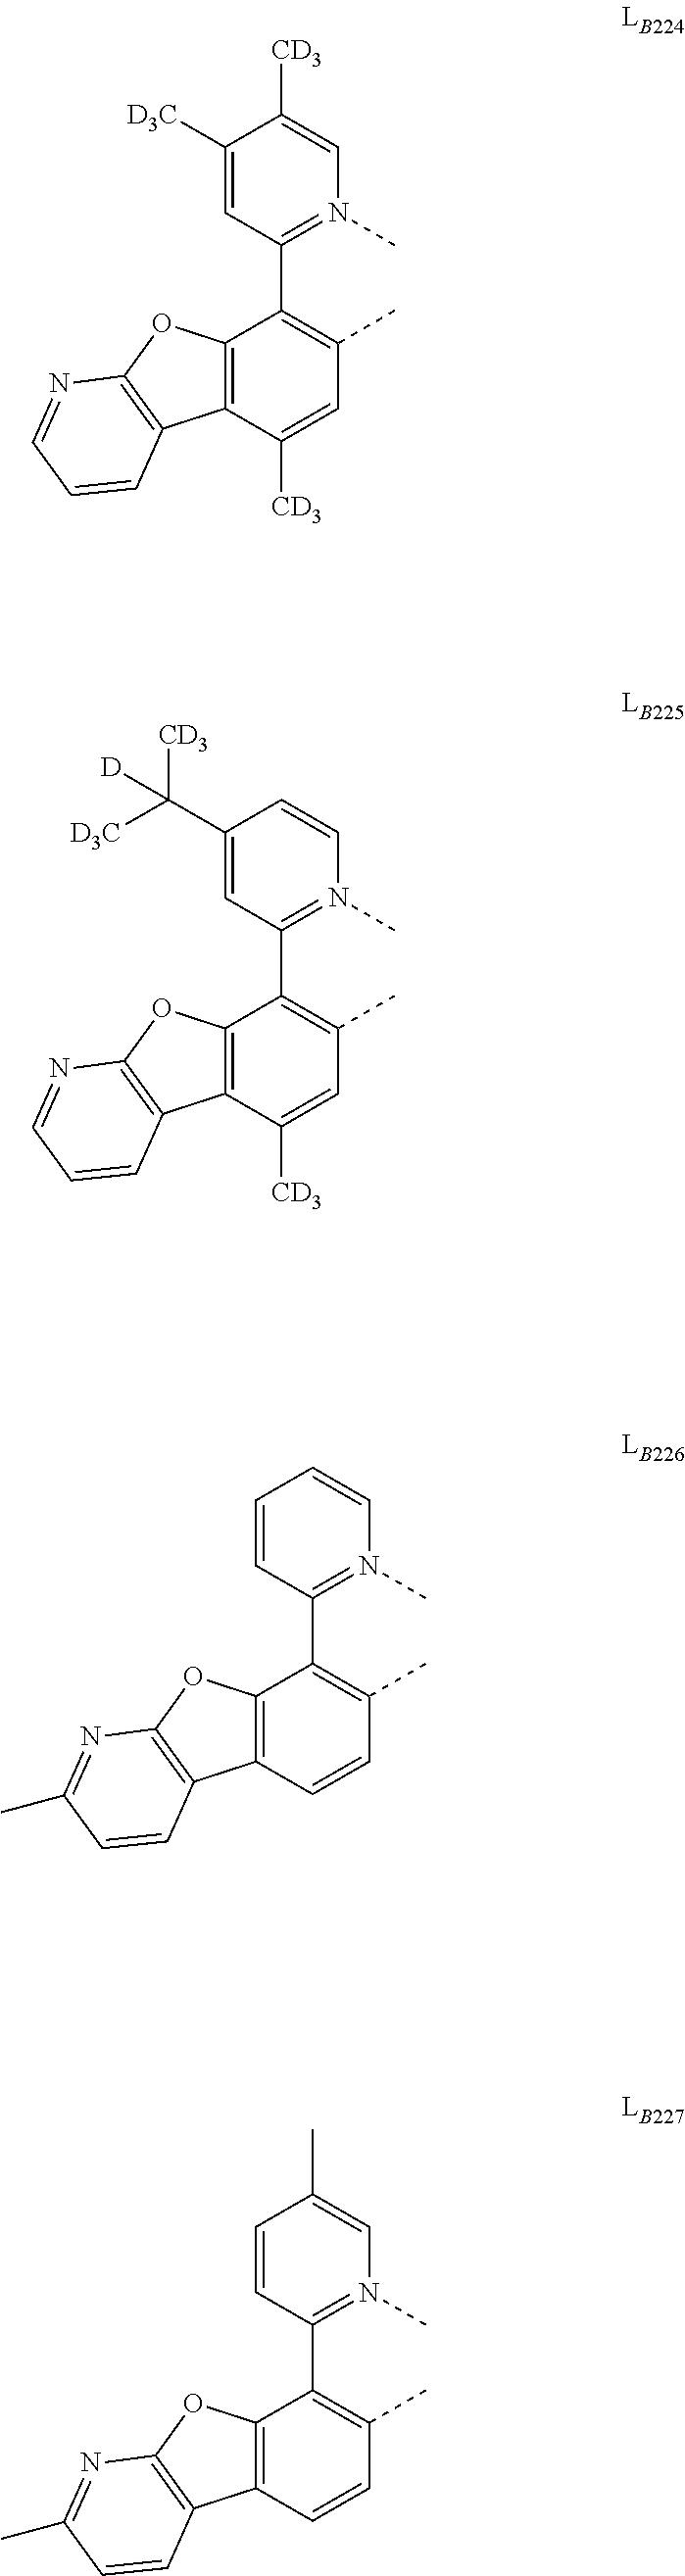 Figure US09929360-20180327-C00087